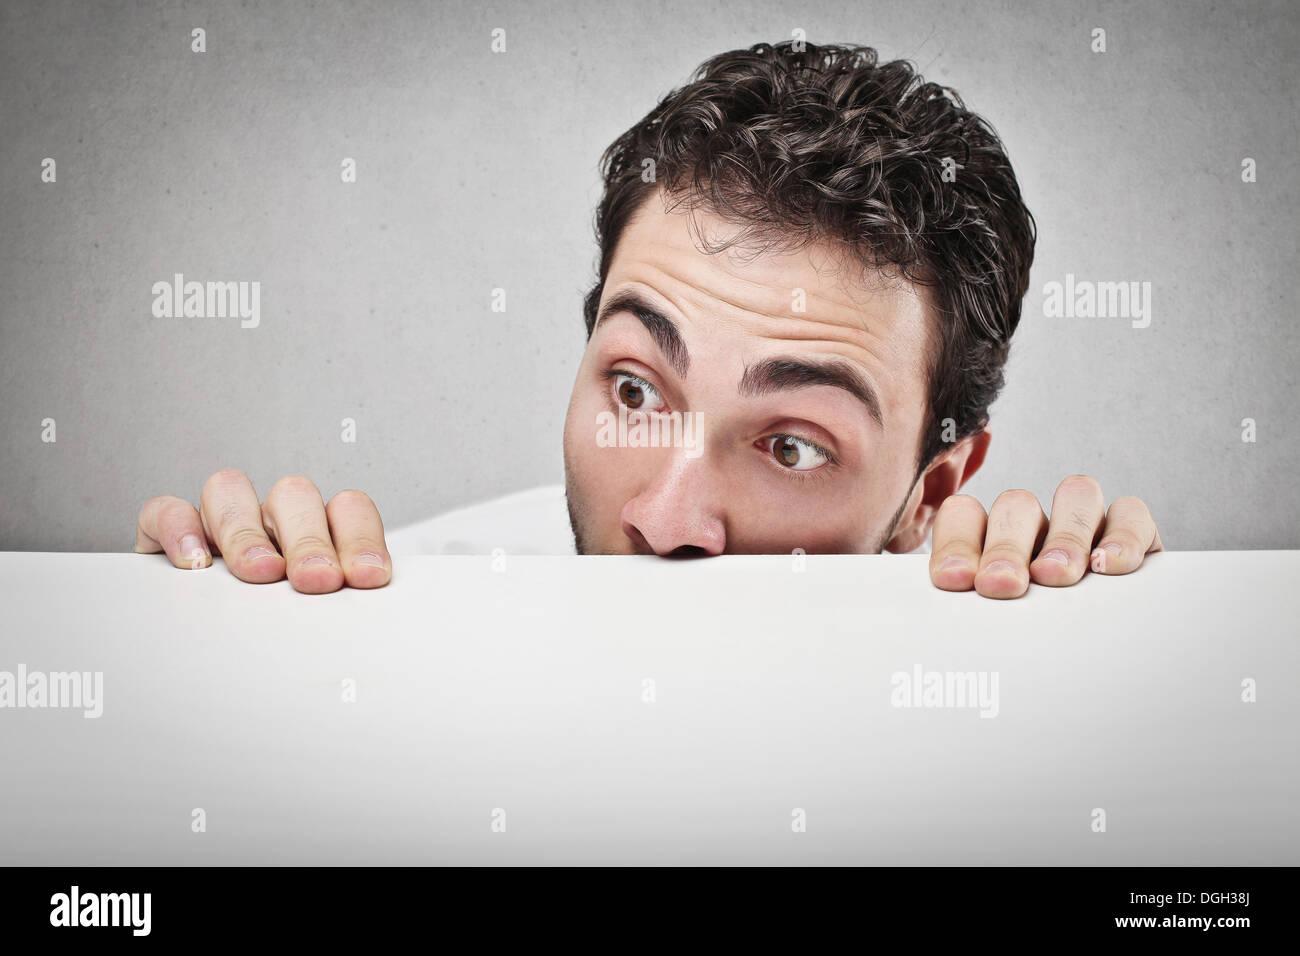 Surpris l'homme regardant quelque chose sur un livre blanc 24 Photo Stock